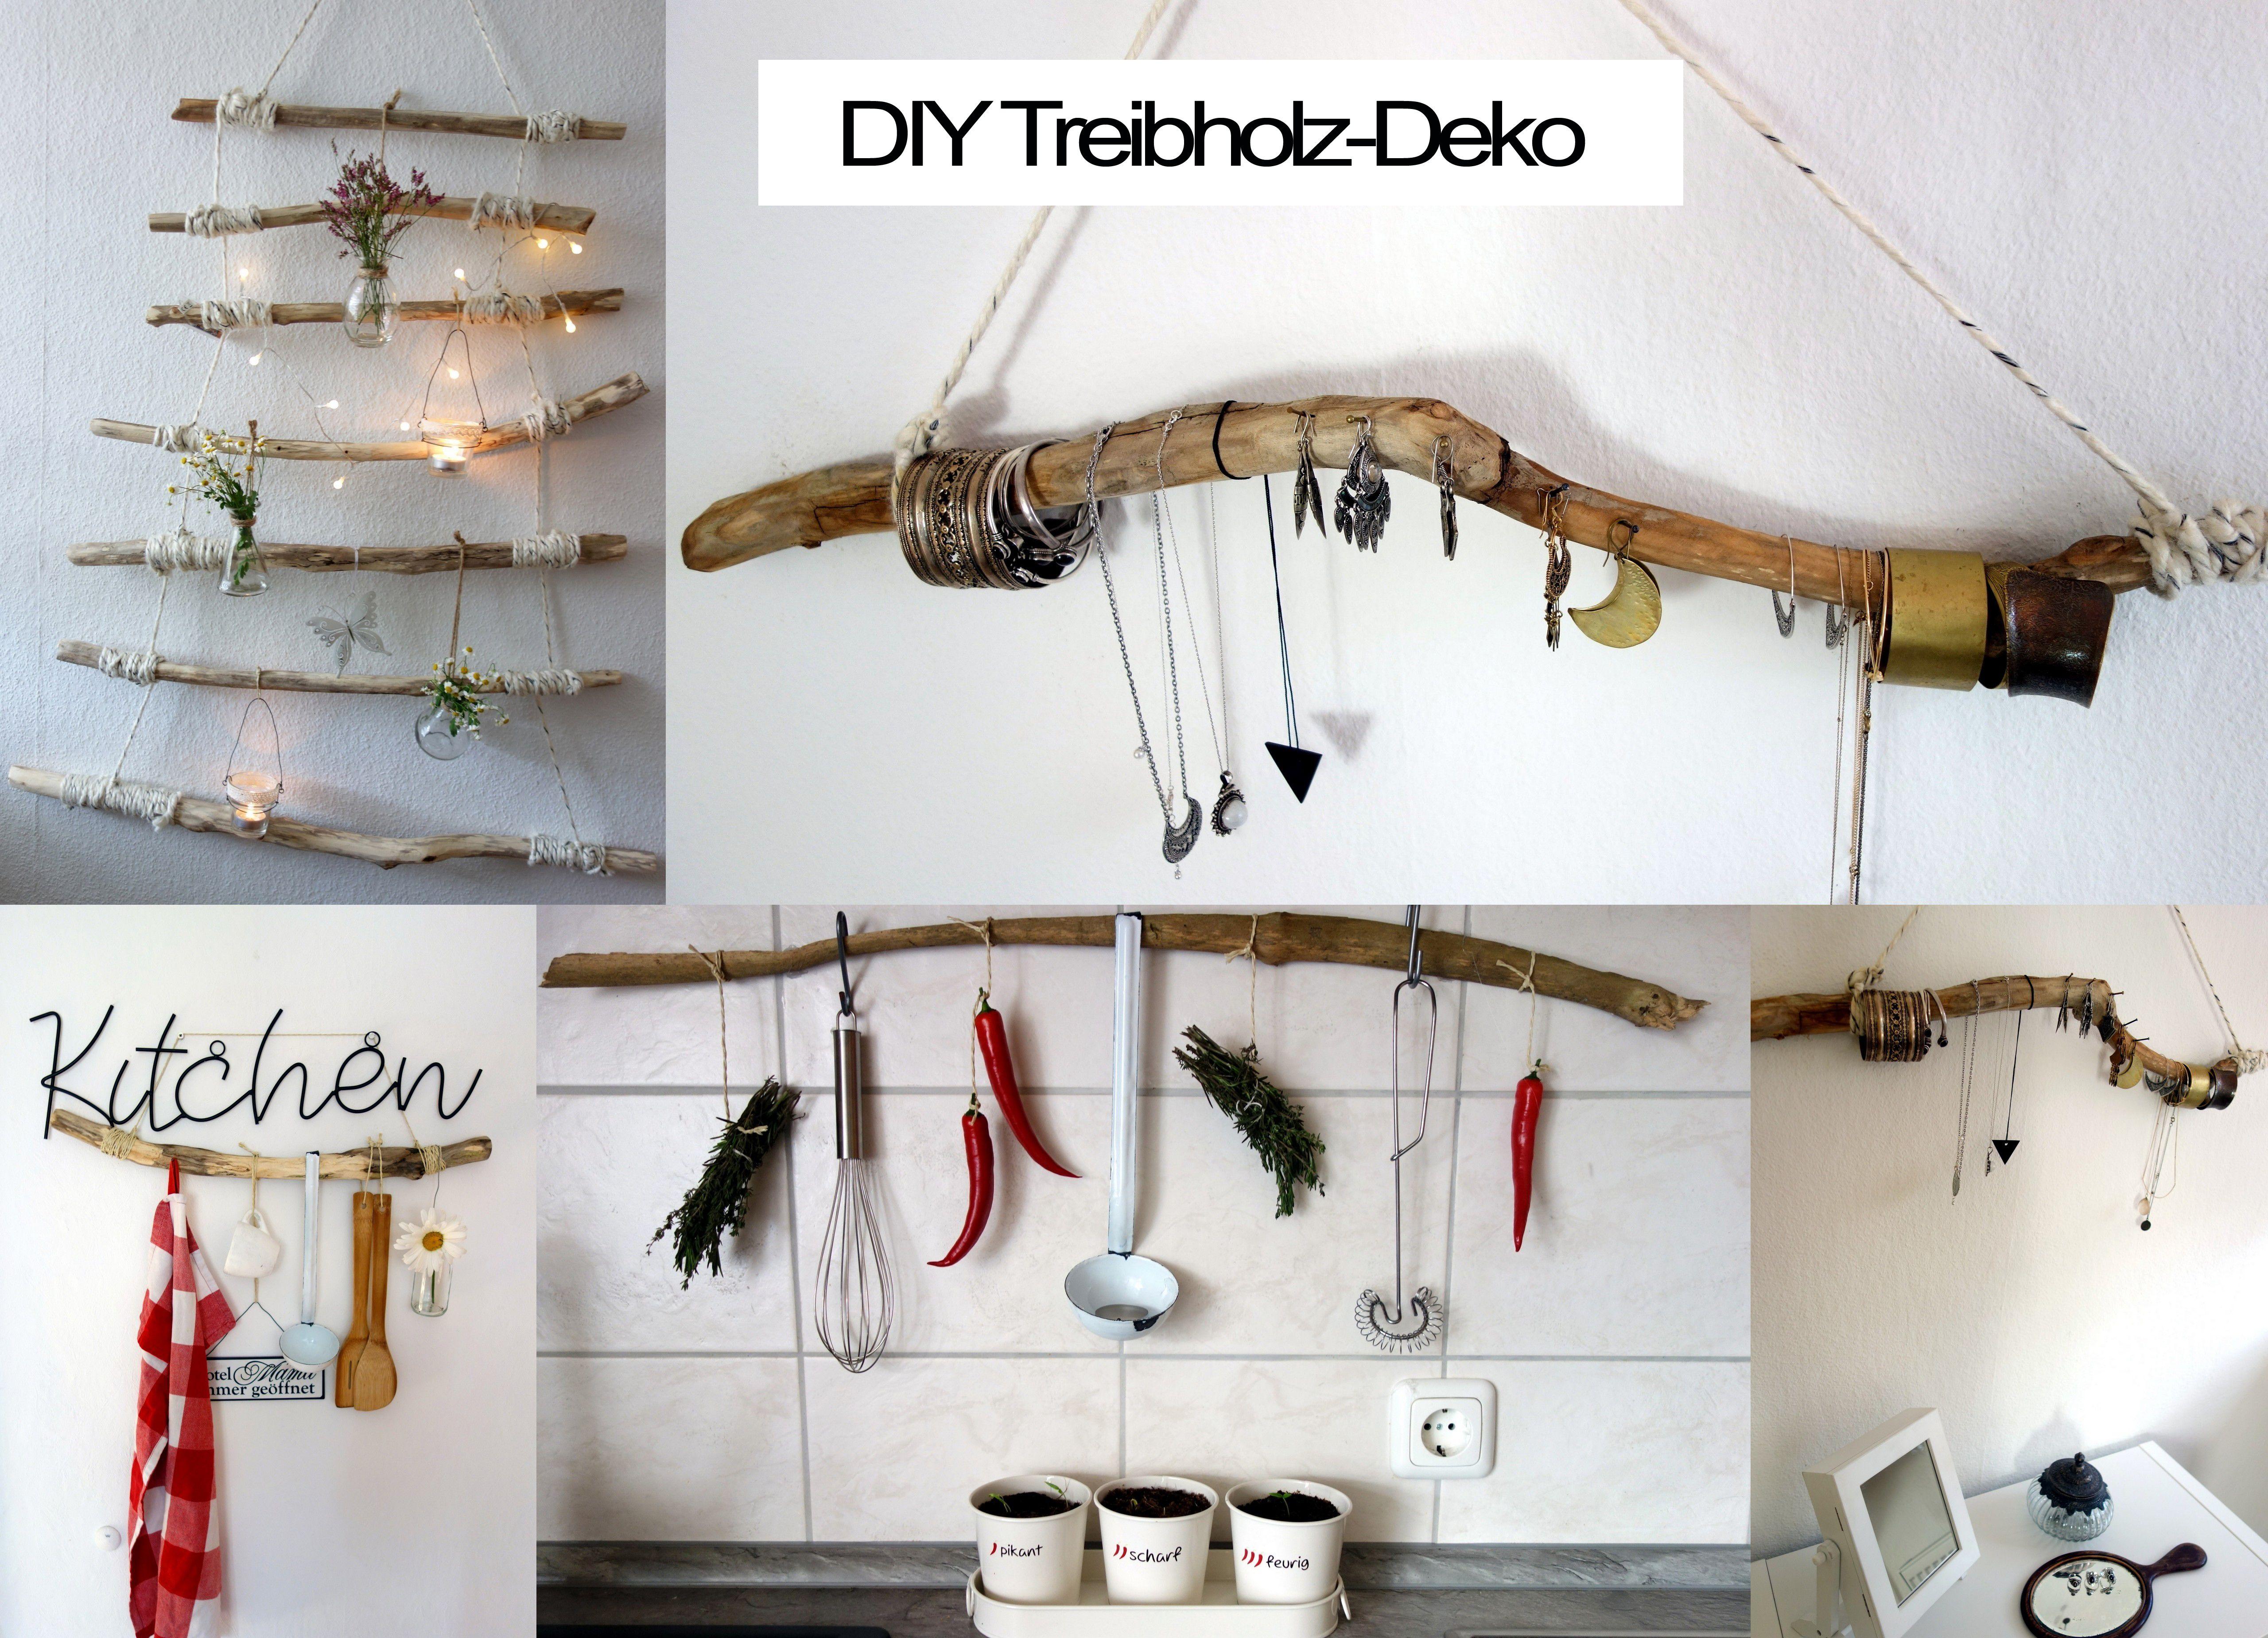 Einfache Dekoration Und Mobel Moderner Reiniger Oder Hausmittel #19: #DIY #Treibholz #Deko #basteln #Selbermachen #Schmuckhalter #Handtuchhalter